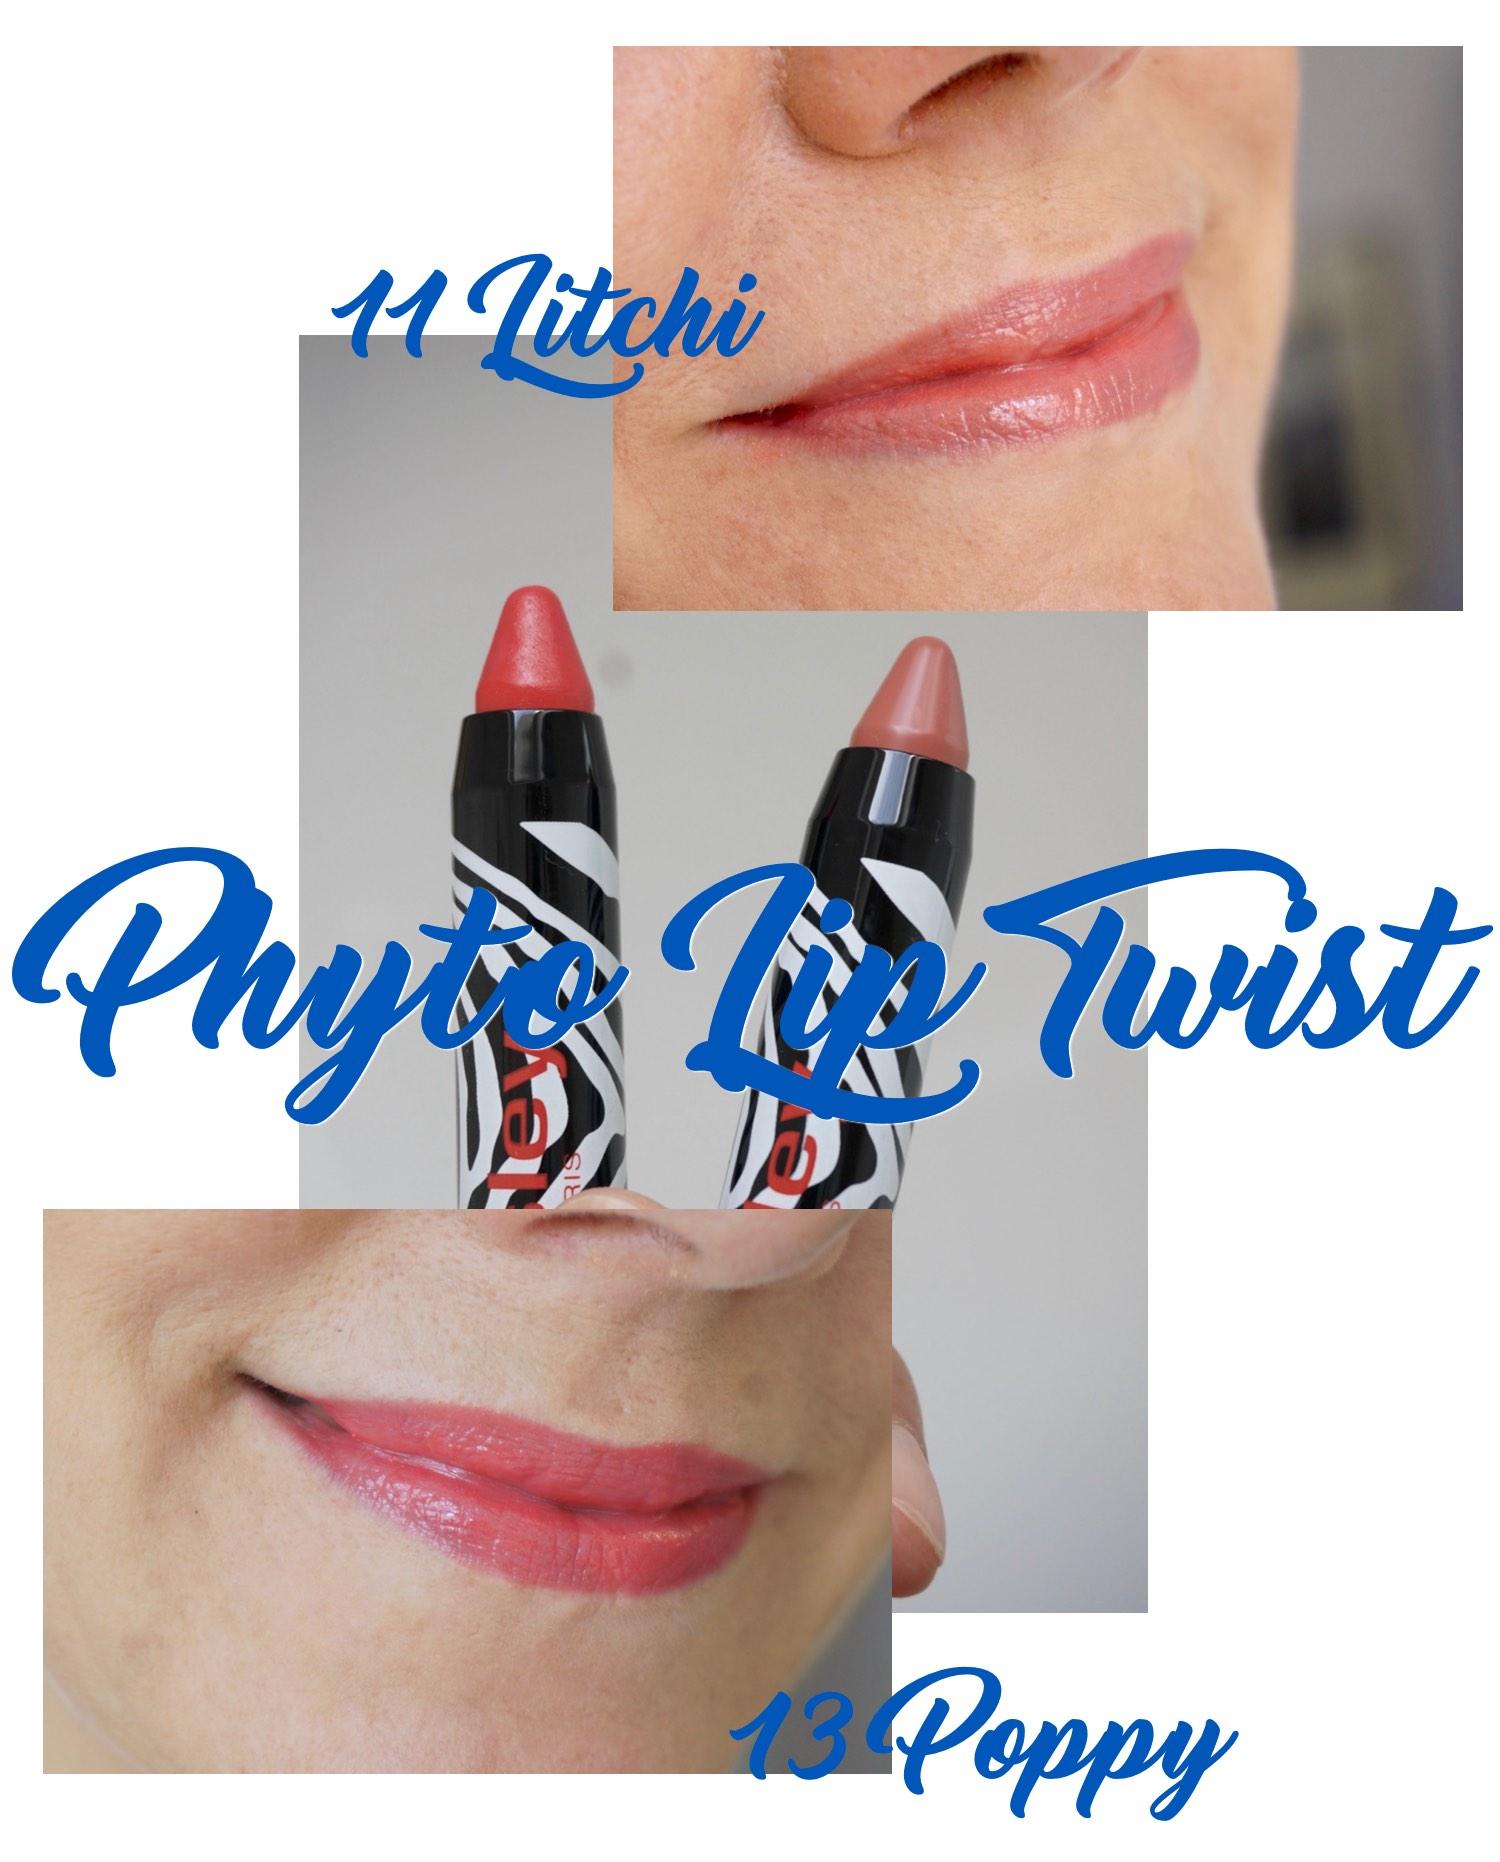 Alle Lippenprodukte aus dem Sommerlook von Sisley 2017 im Blog der Schminktante.